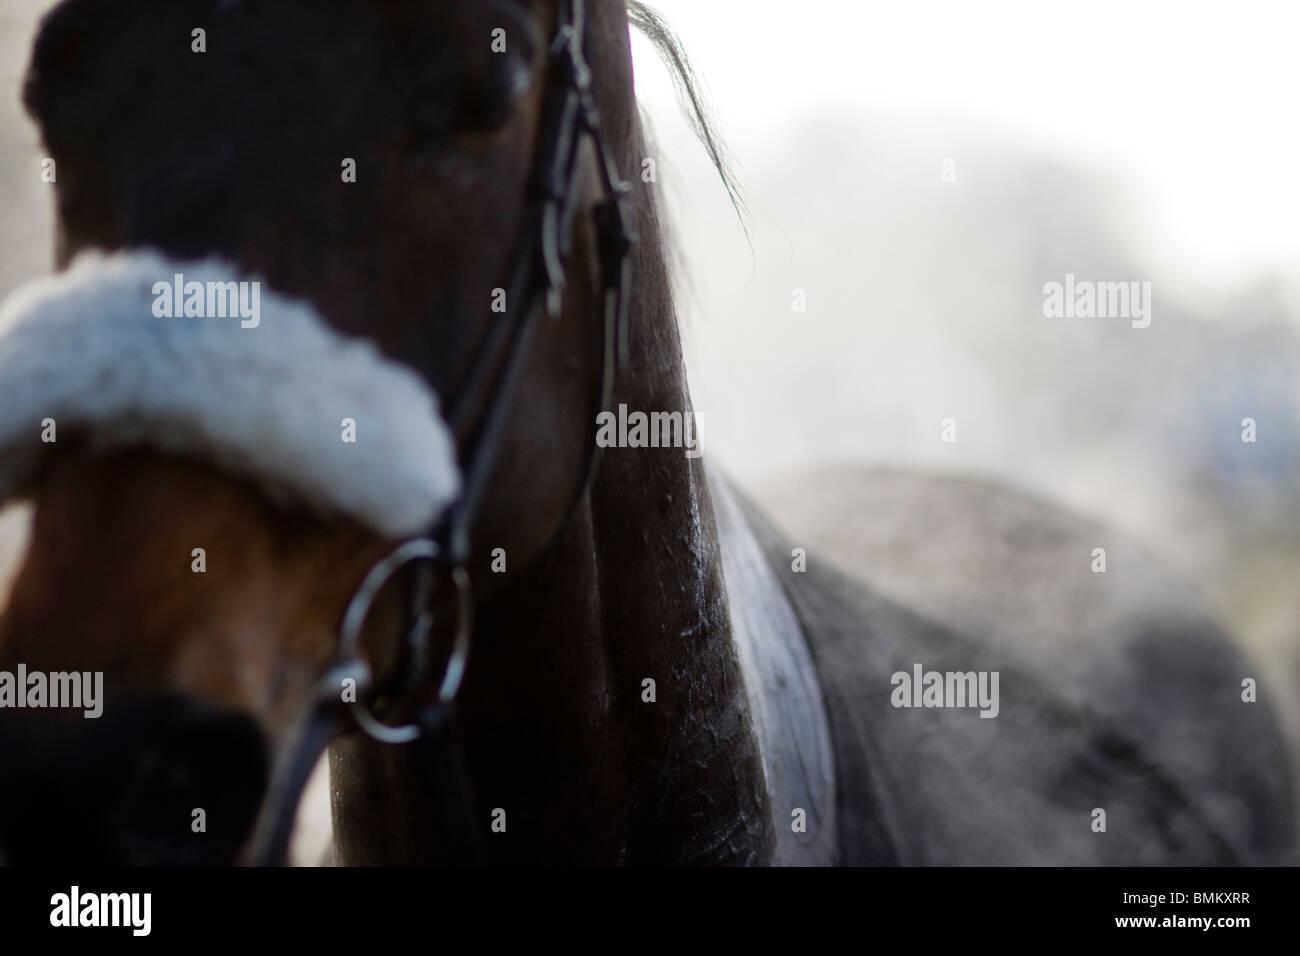 La cottura a vapore di cavalli da corsa dopo il punto-punto Horse Racing a Cottenham in Cambridgeshire Immagini Stock